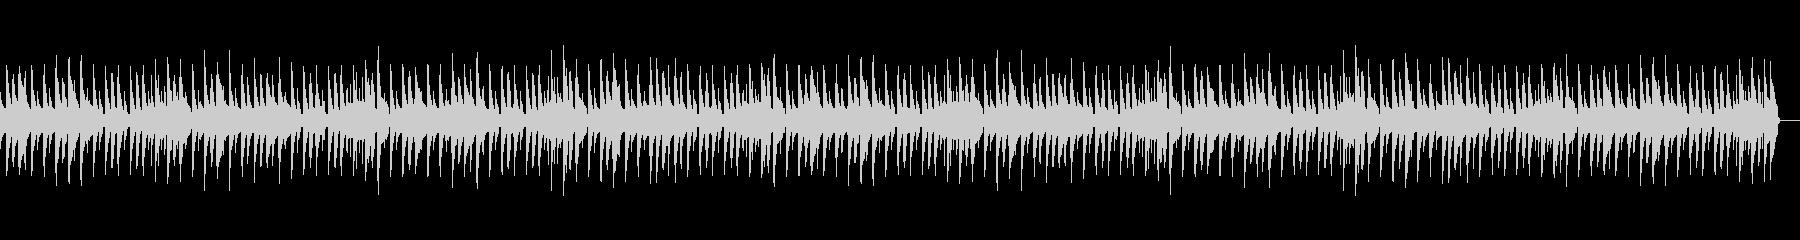 かえるの合唱 (アコギ)の未再生の波形